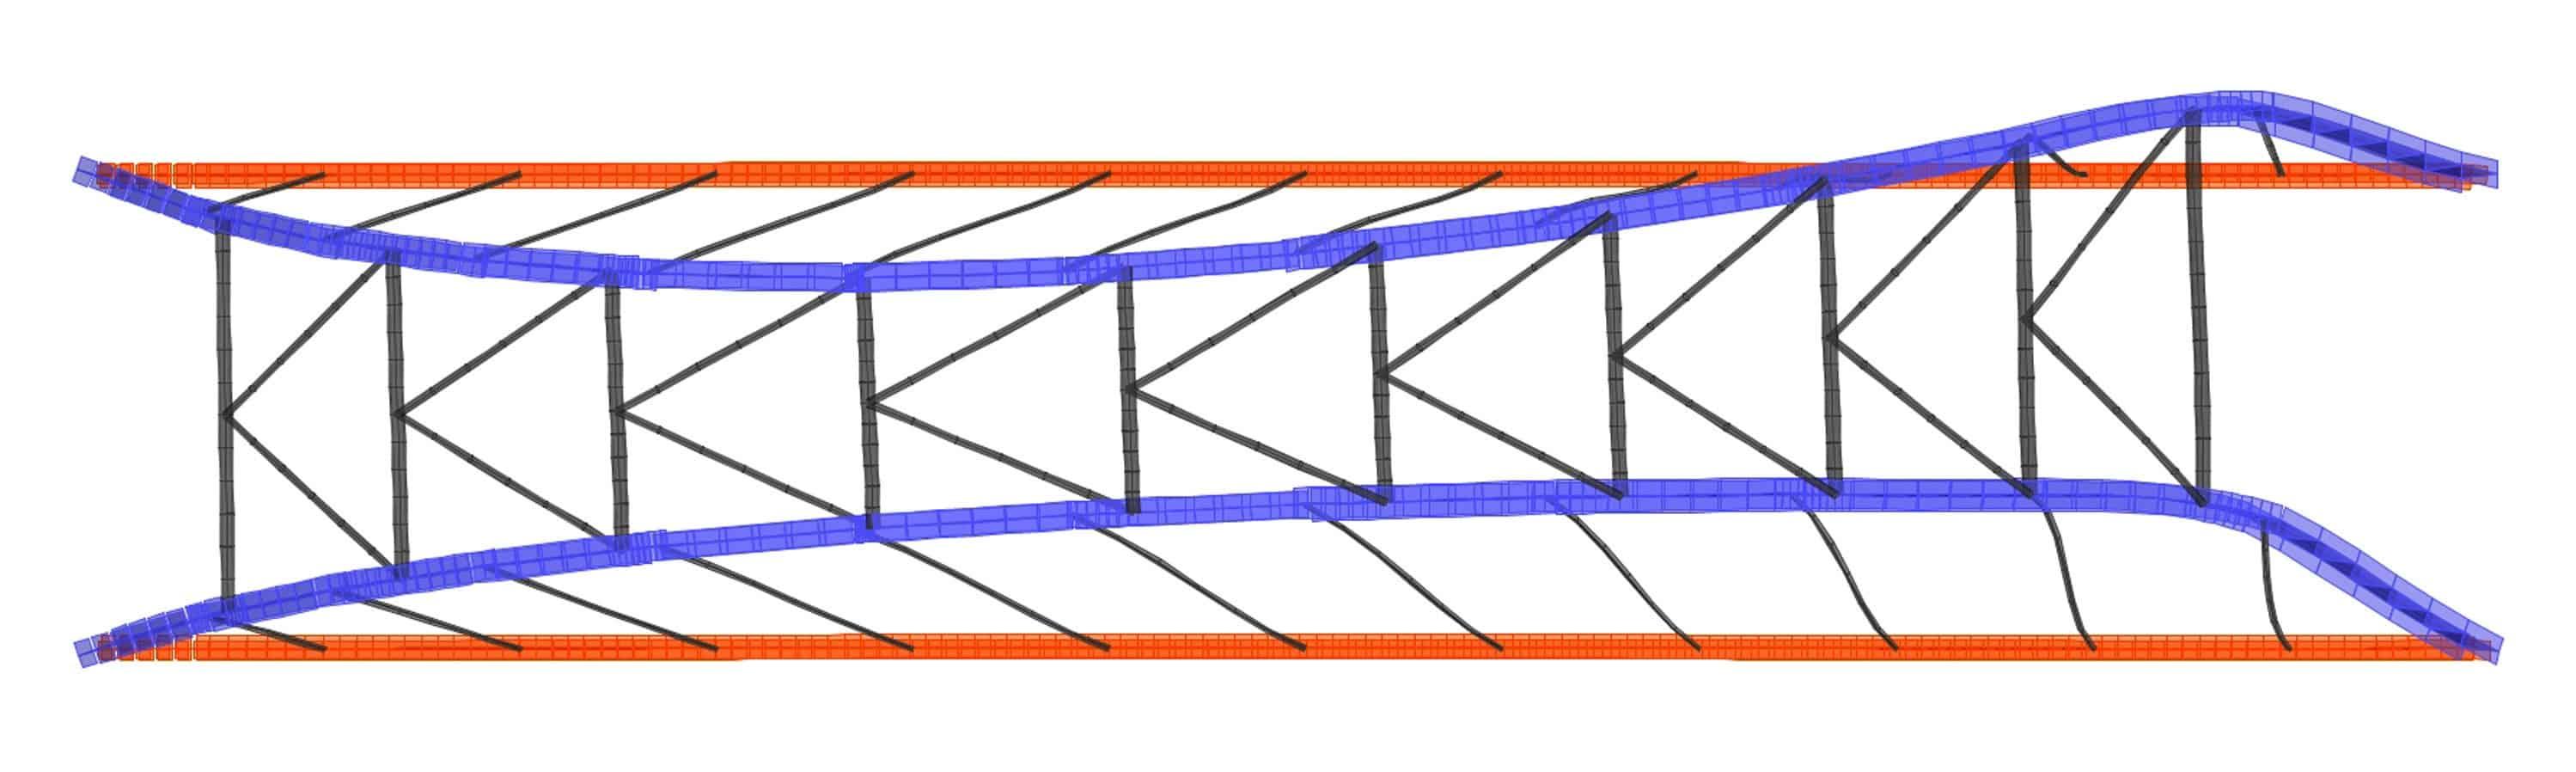 Il primo modo di instabilità degli archi